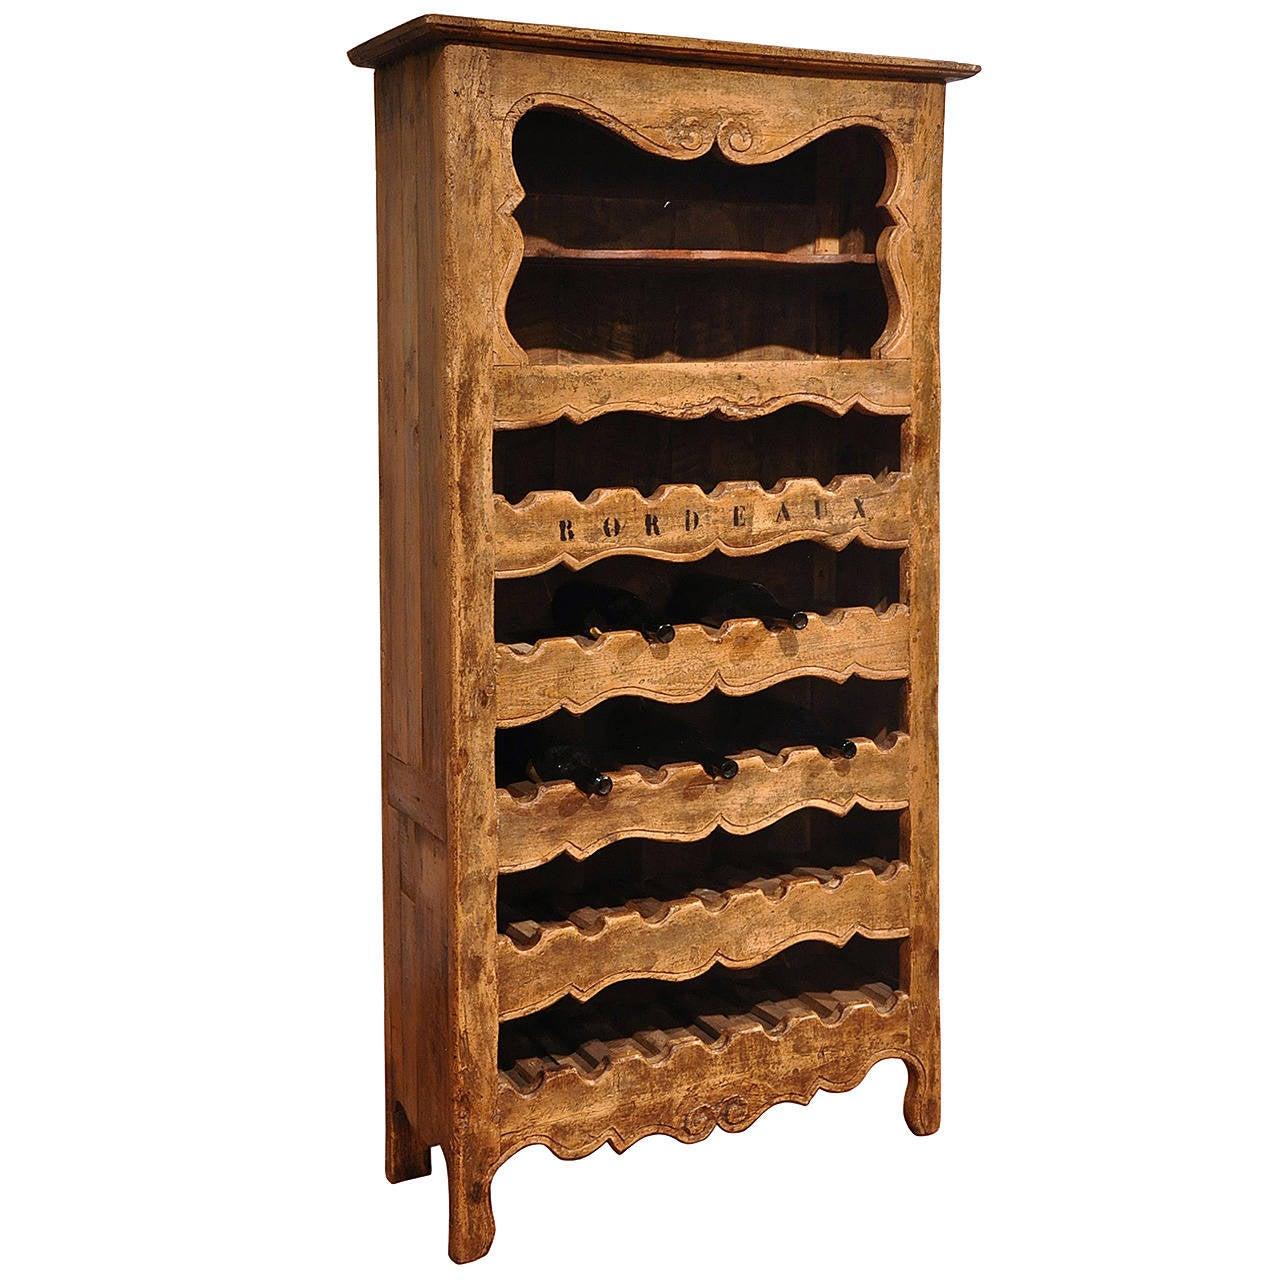 Antique Wine Bottle Holder Cabinet 1 - Antique Wine Bottle Holder Cabinet At 1stdibs